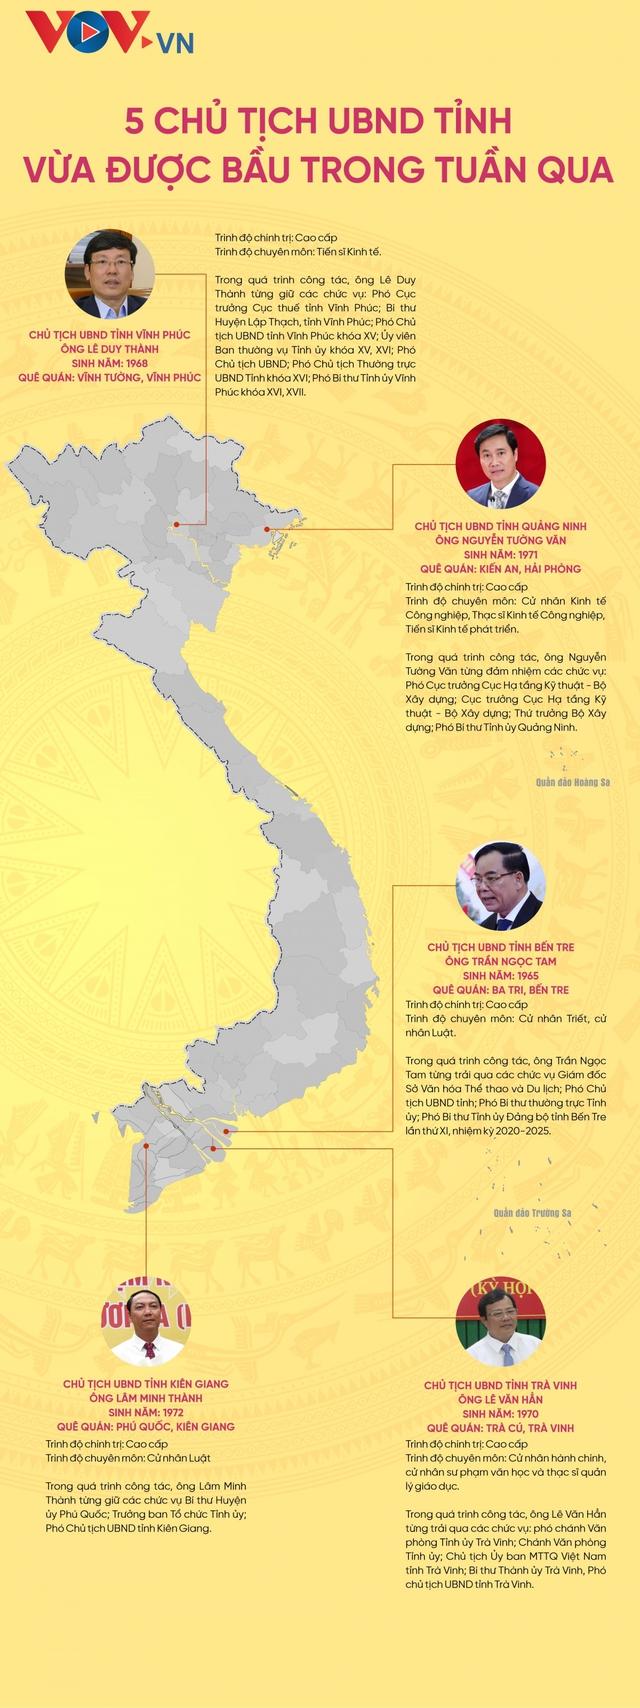 Chân dung 5 Chủ tịch UBND tỉnh được bầu trong tuần  - Ảnh 1.